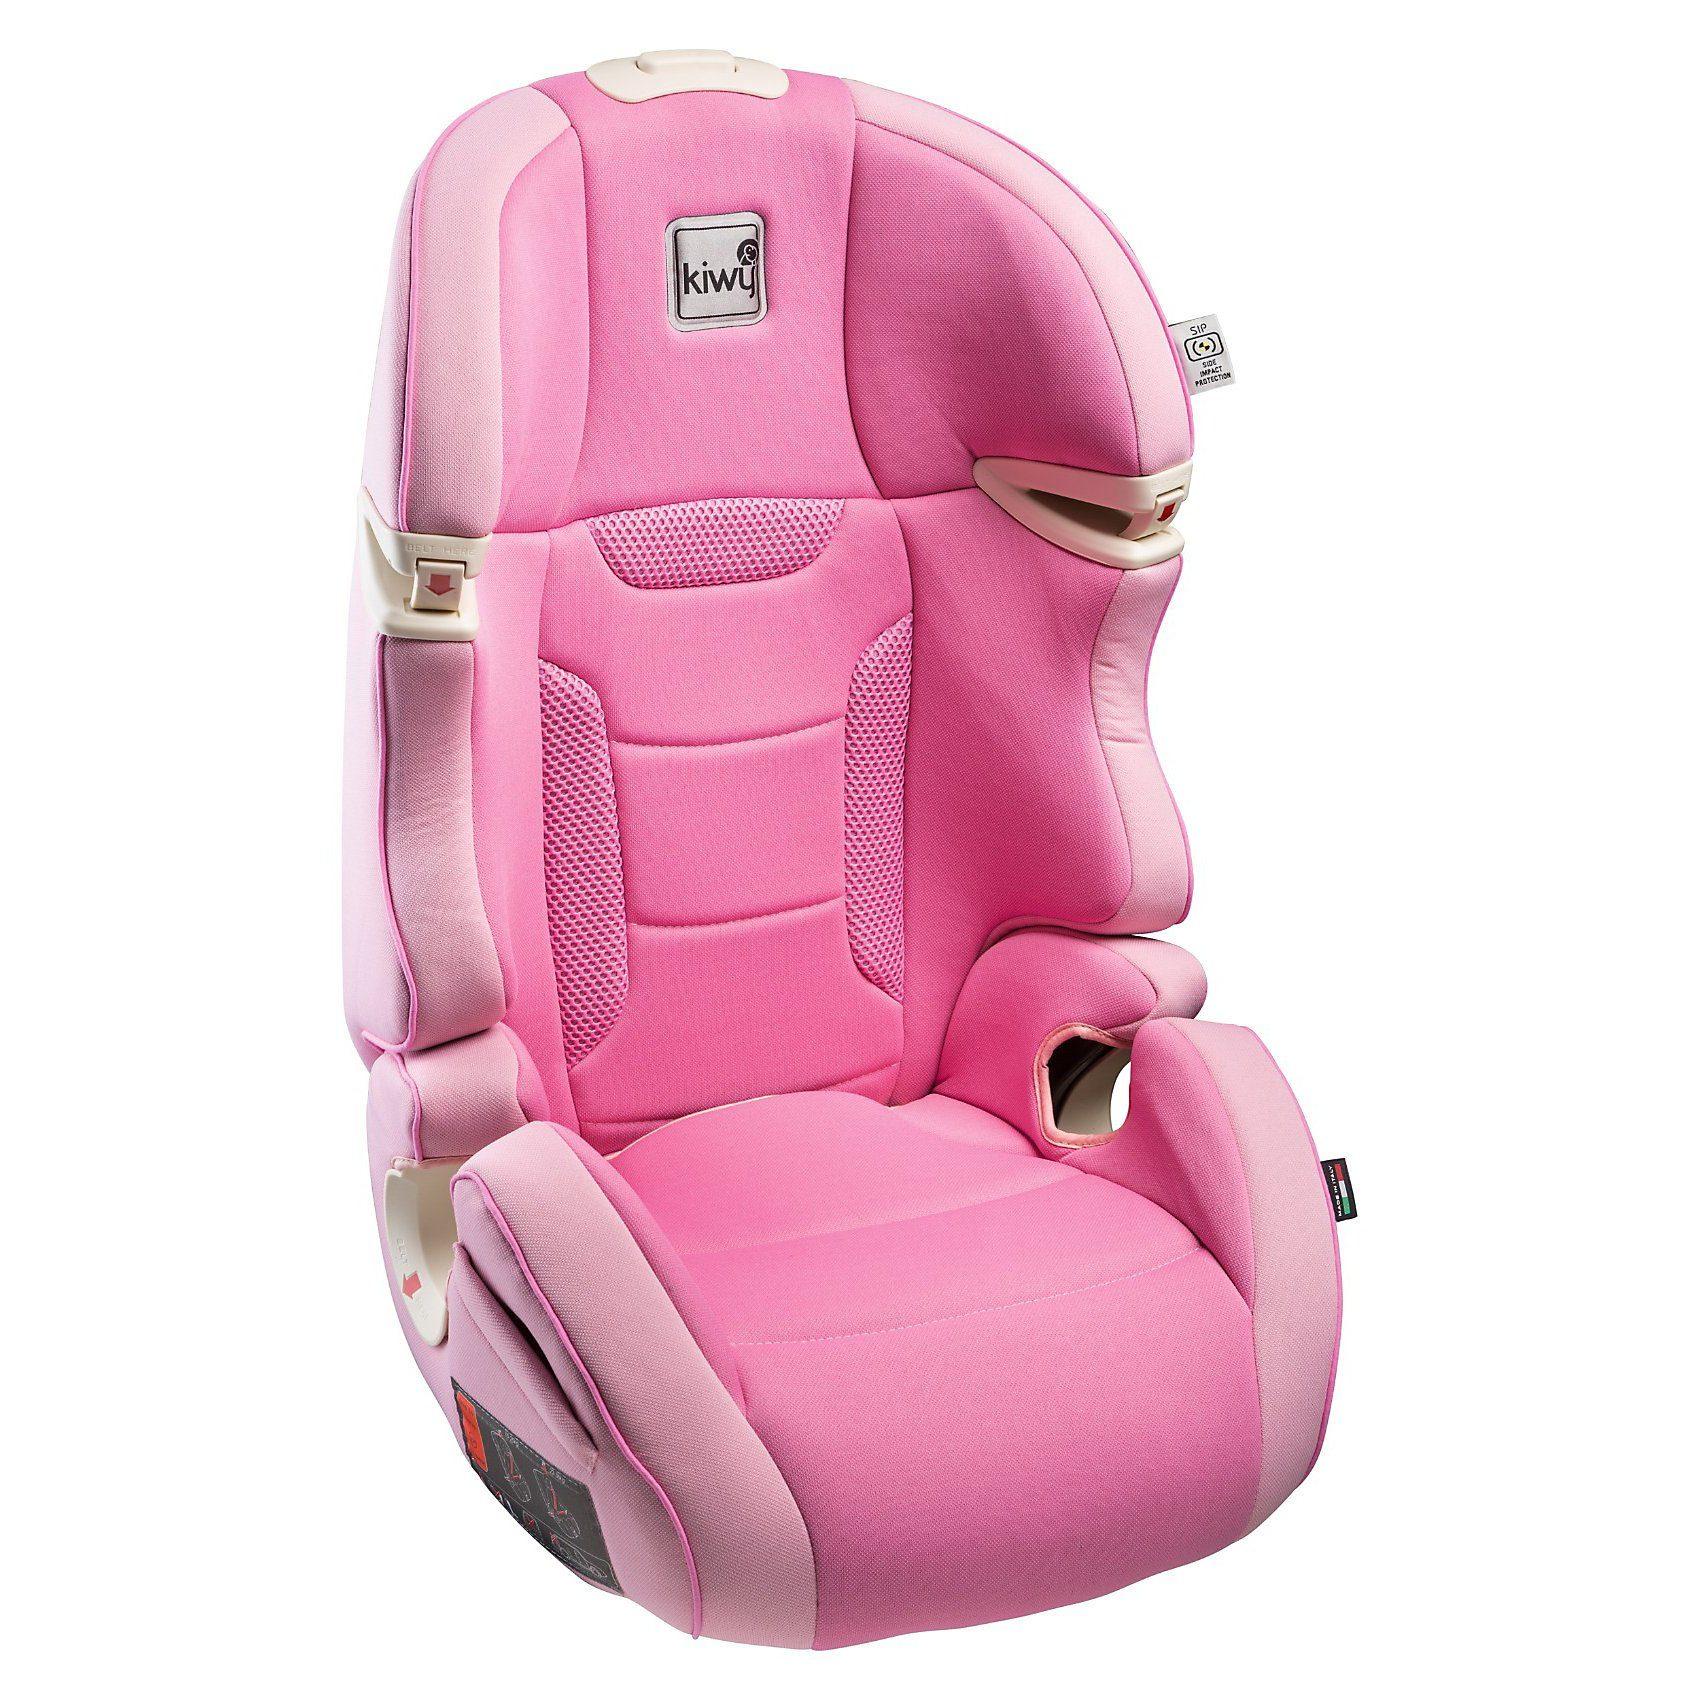 Kiwy Auto-Kindersitz S23, candy, 2017